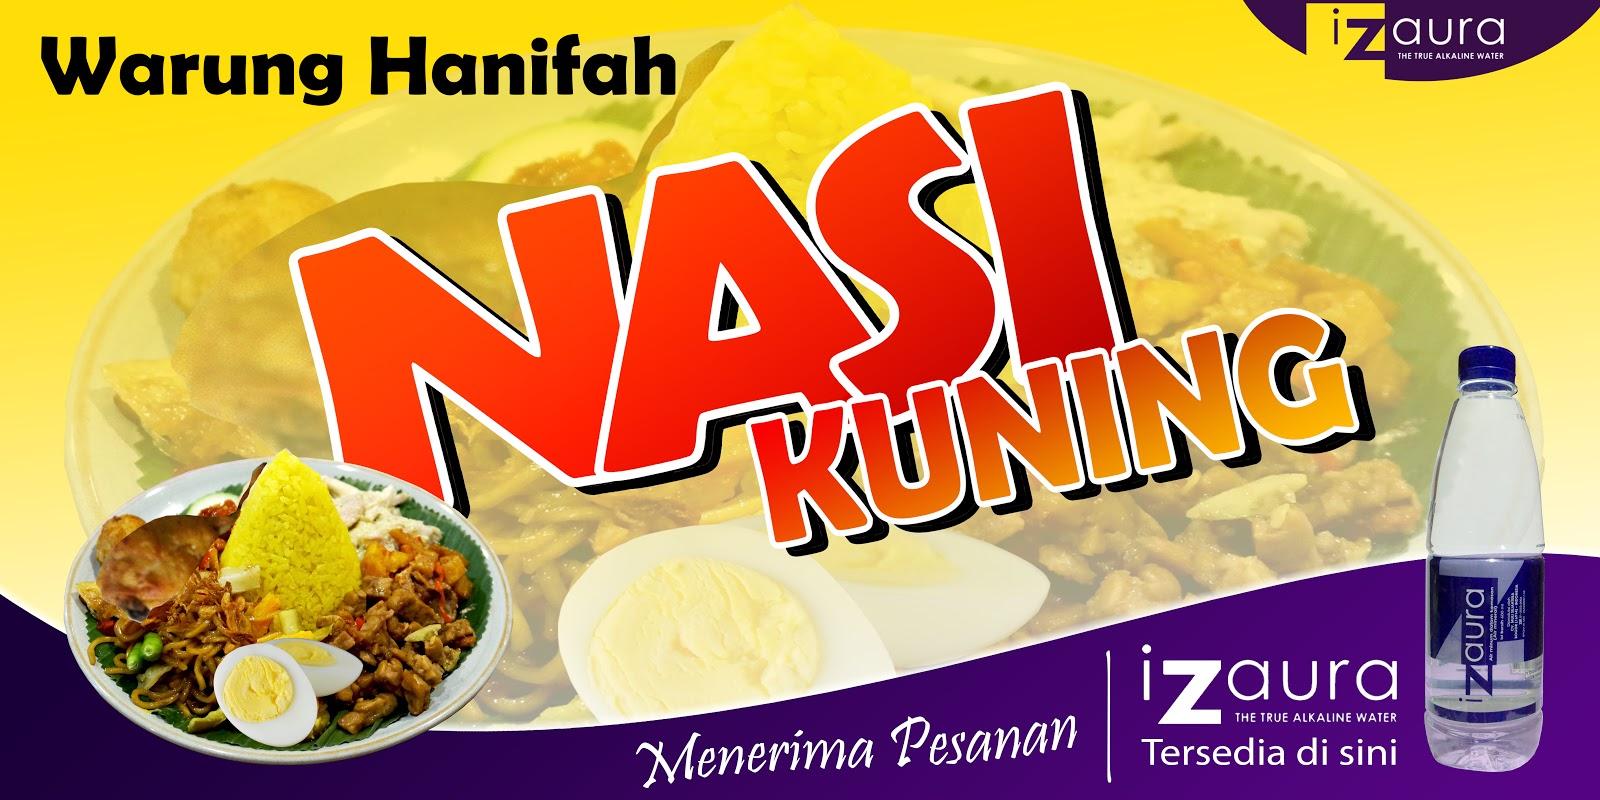 Jasa Edit Photo & Desain Gambar Online: Spanduk Warung ...